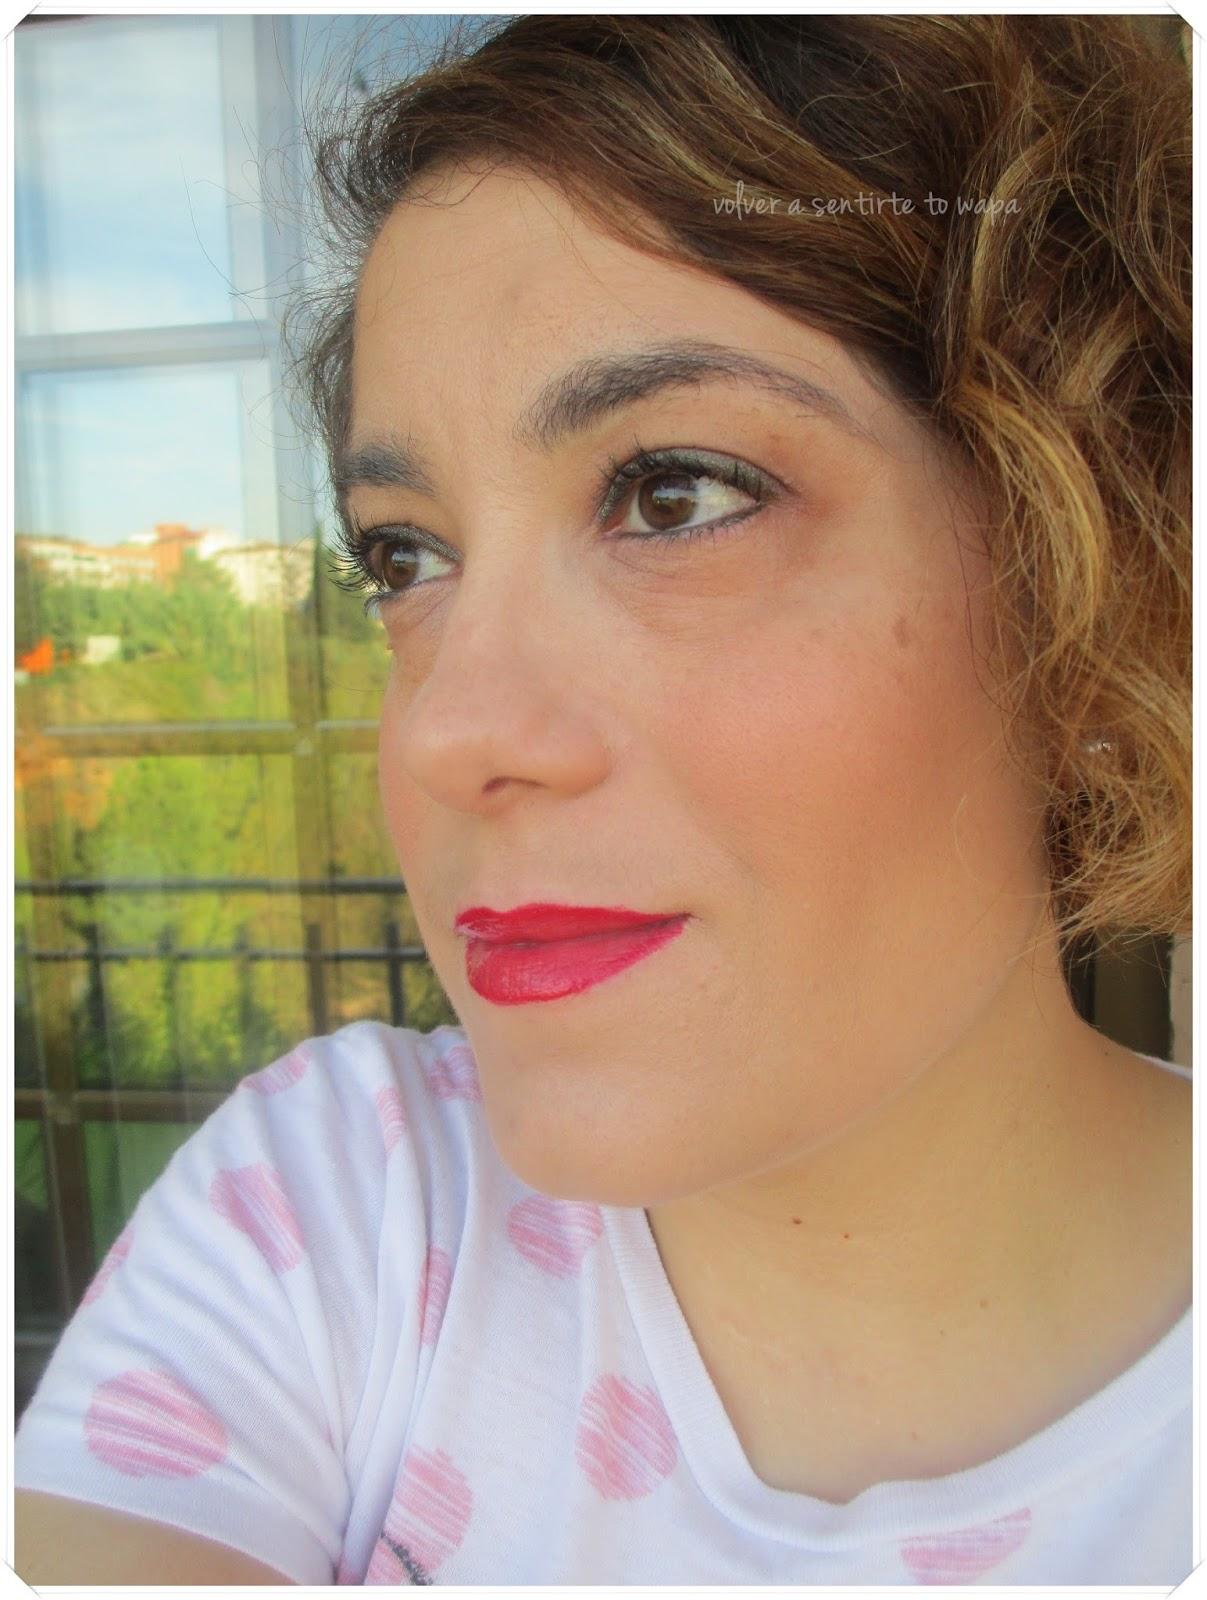 05 Outrageous Rouge Extreme Liquid Lipstick de SEPHORA - Volver a Sentirte to Wapa